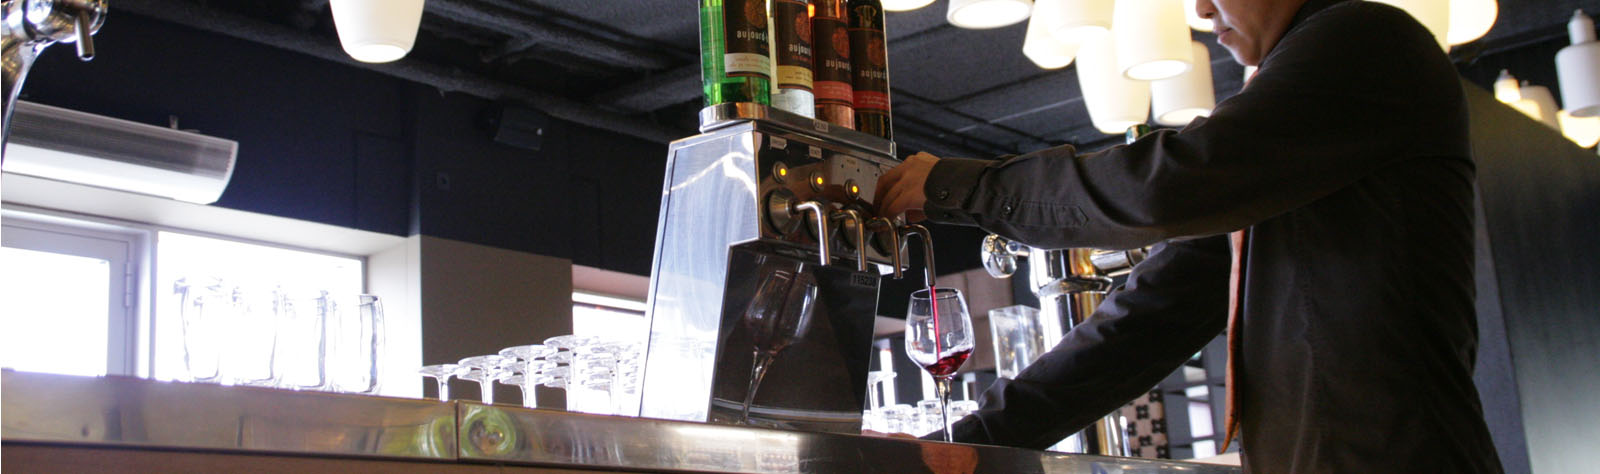 wijn inschenken met tapinstallatie